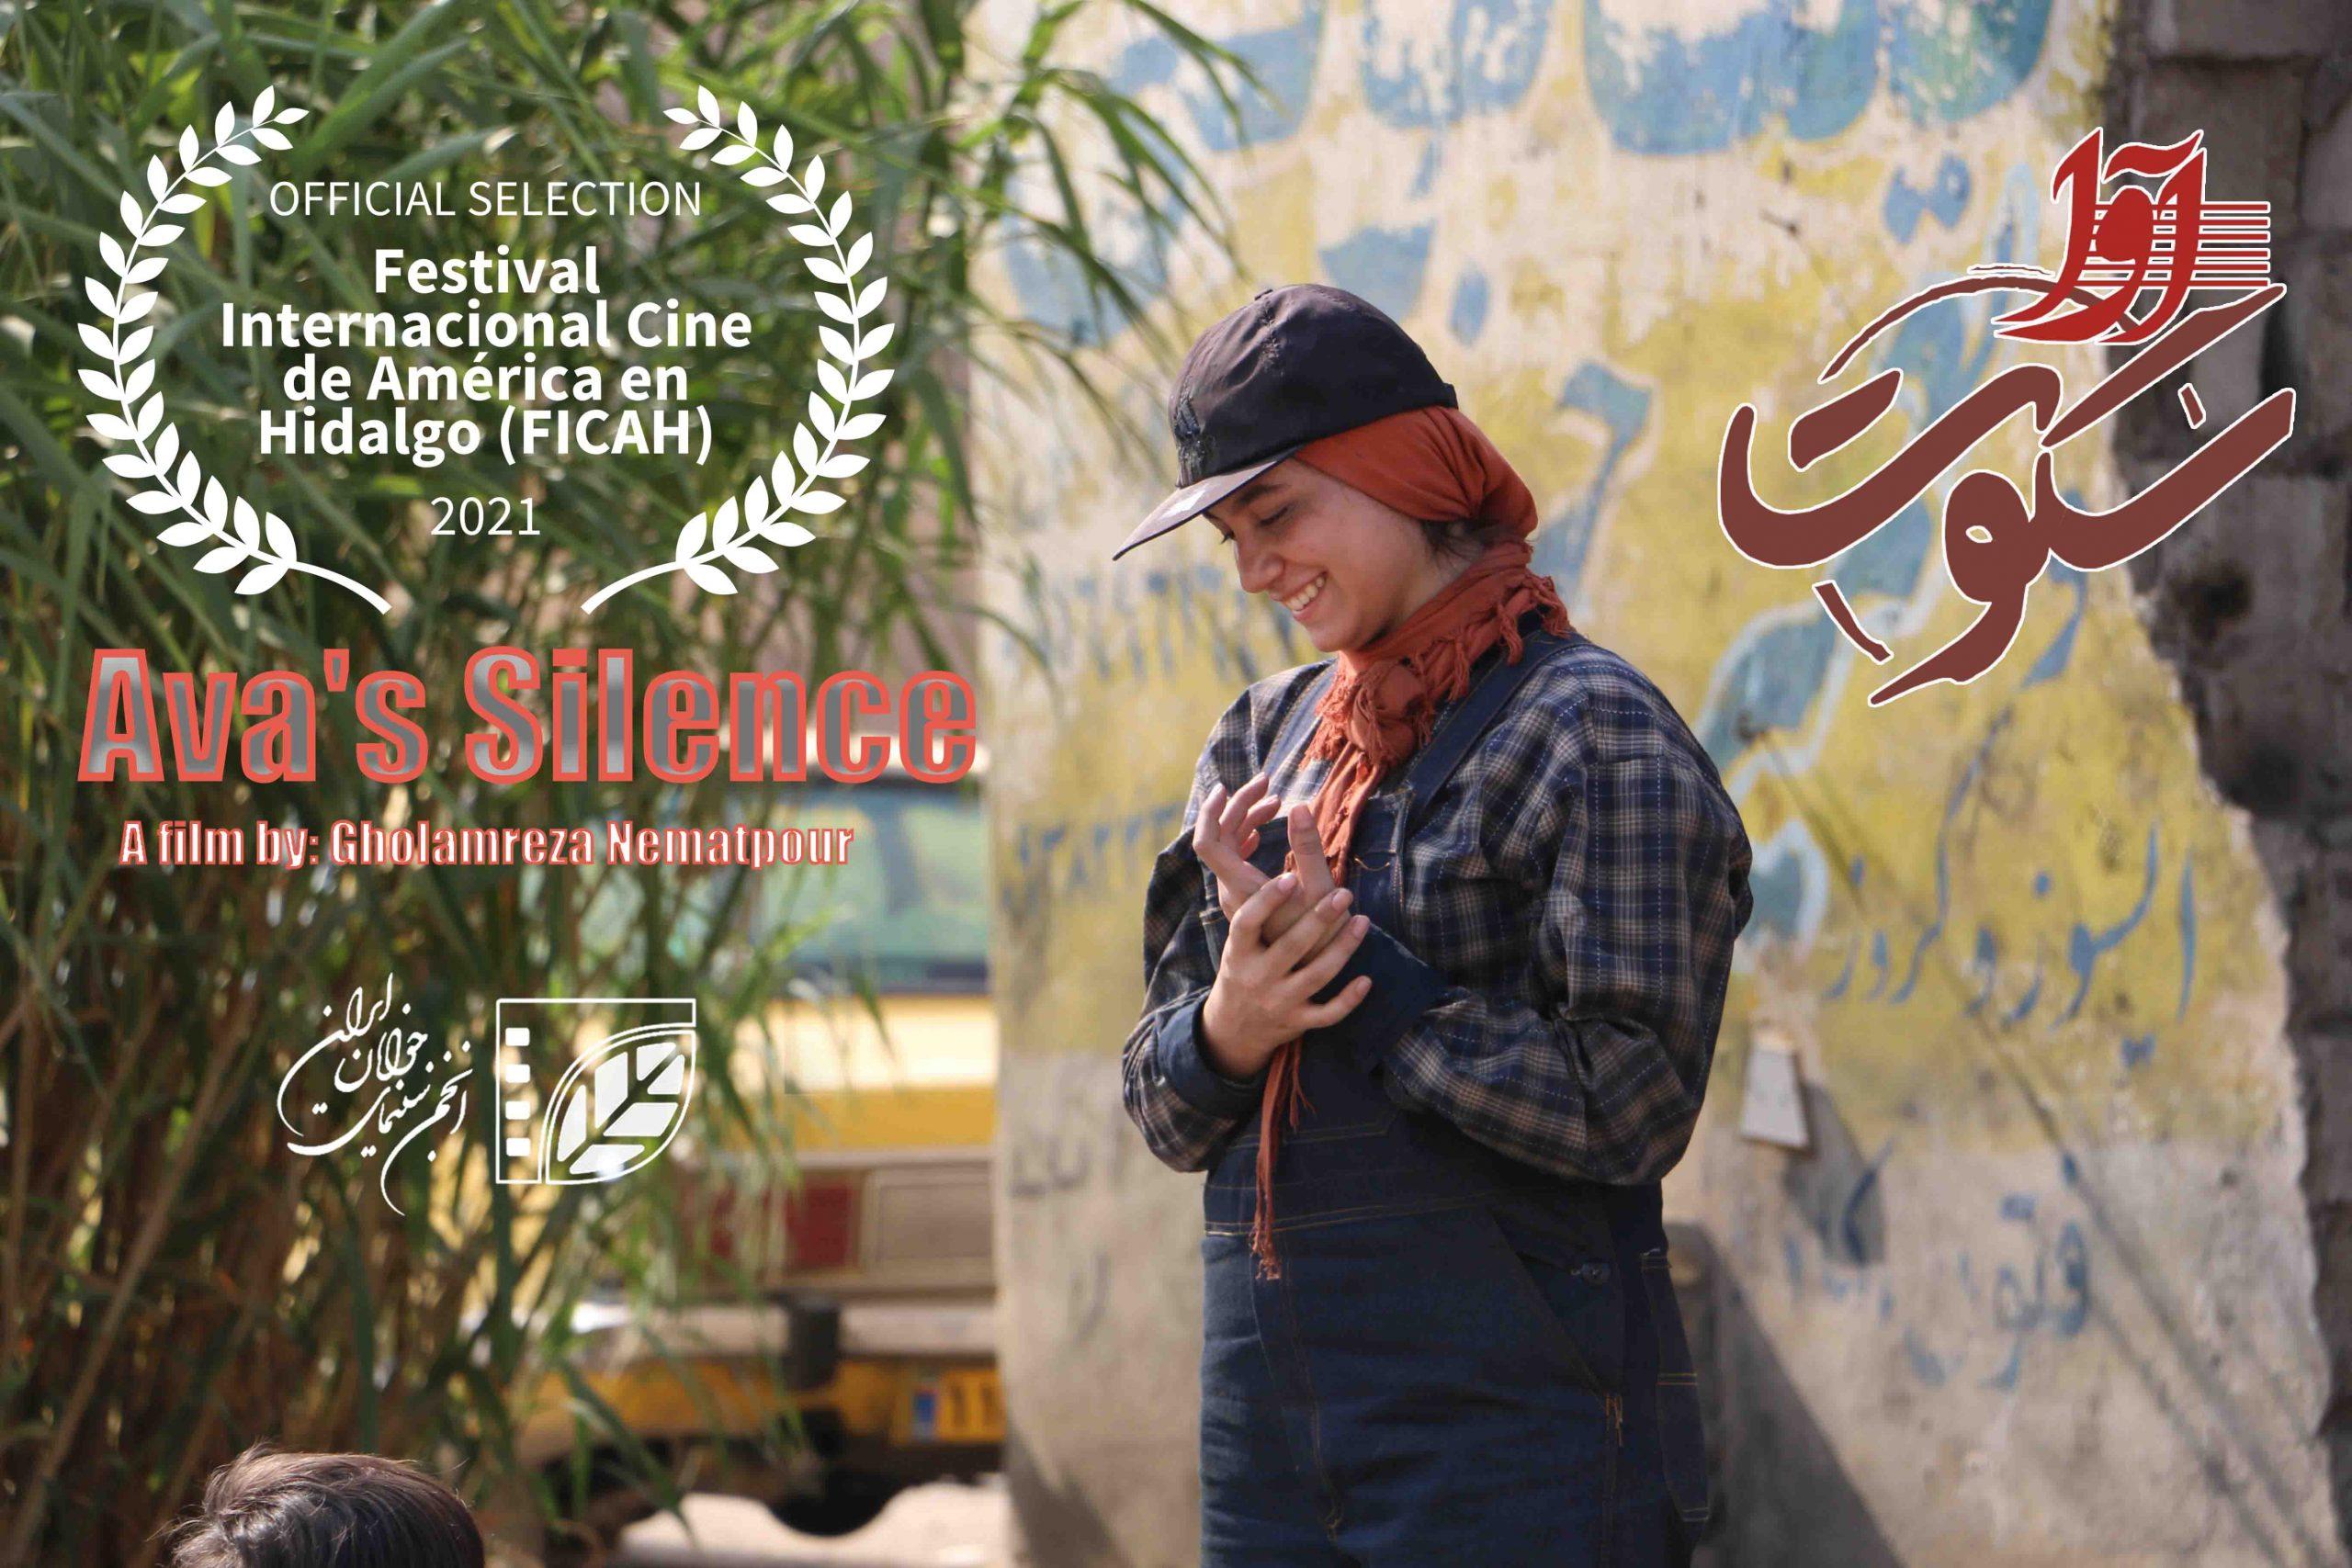 جشنواره فیکا مکزیک میزبان فیلم کوتاه «سکوت آوا»